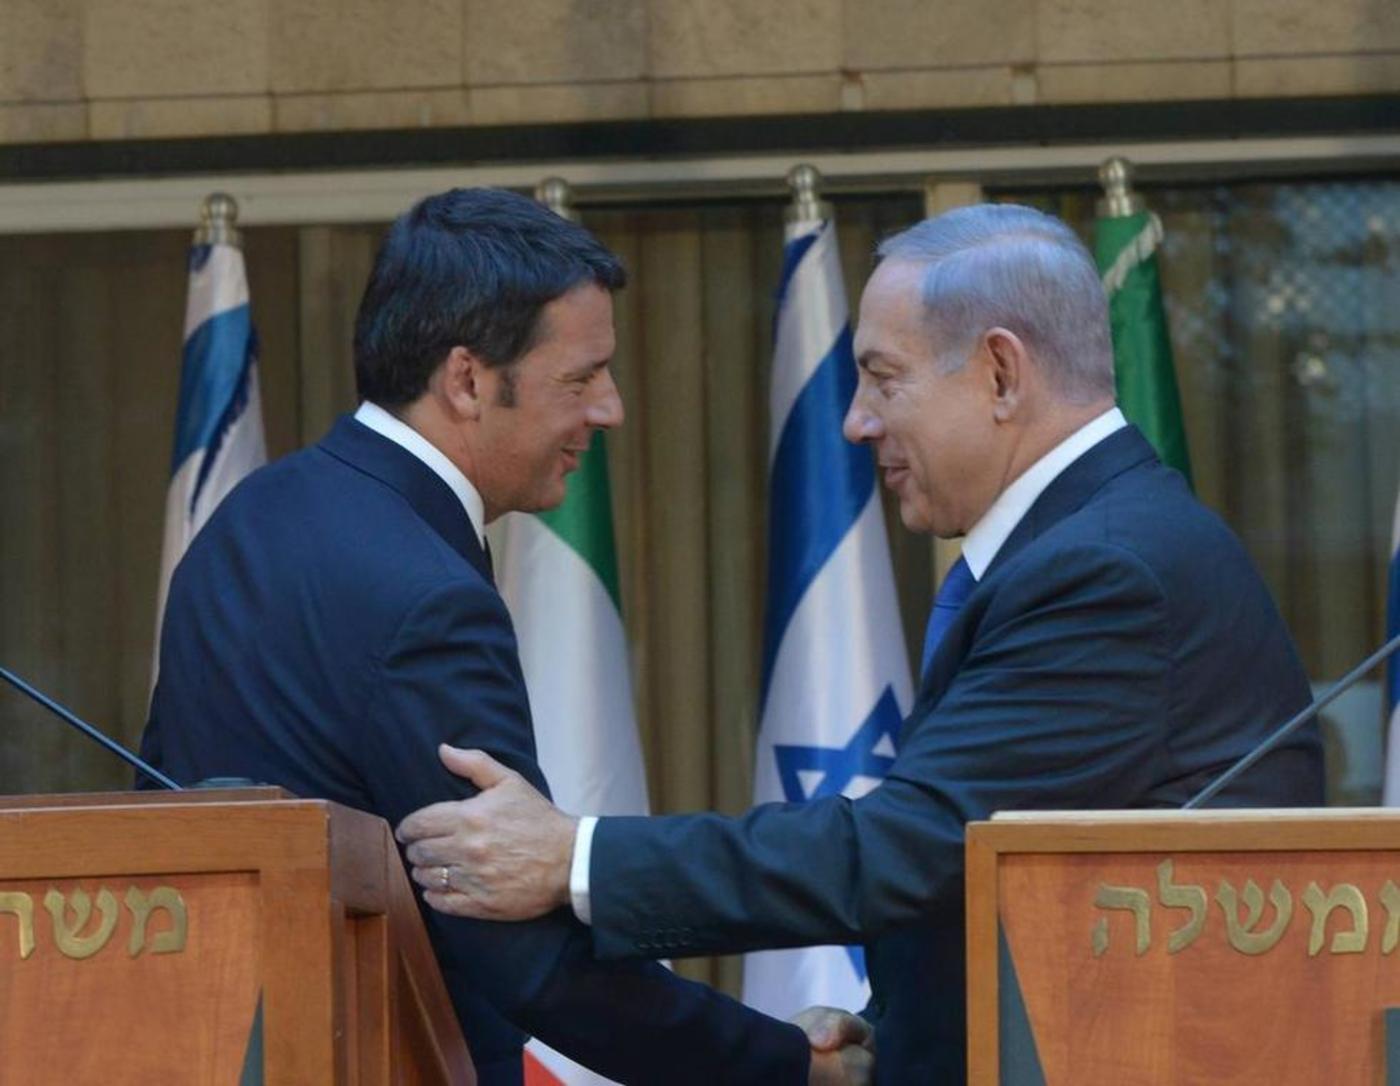 Italian PM Renzi's ode to Israel | Middle East Eye